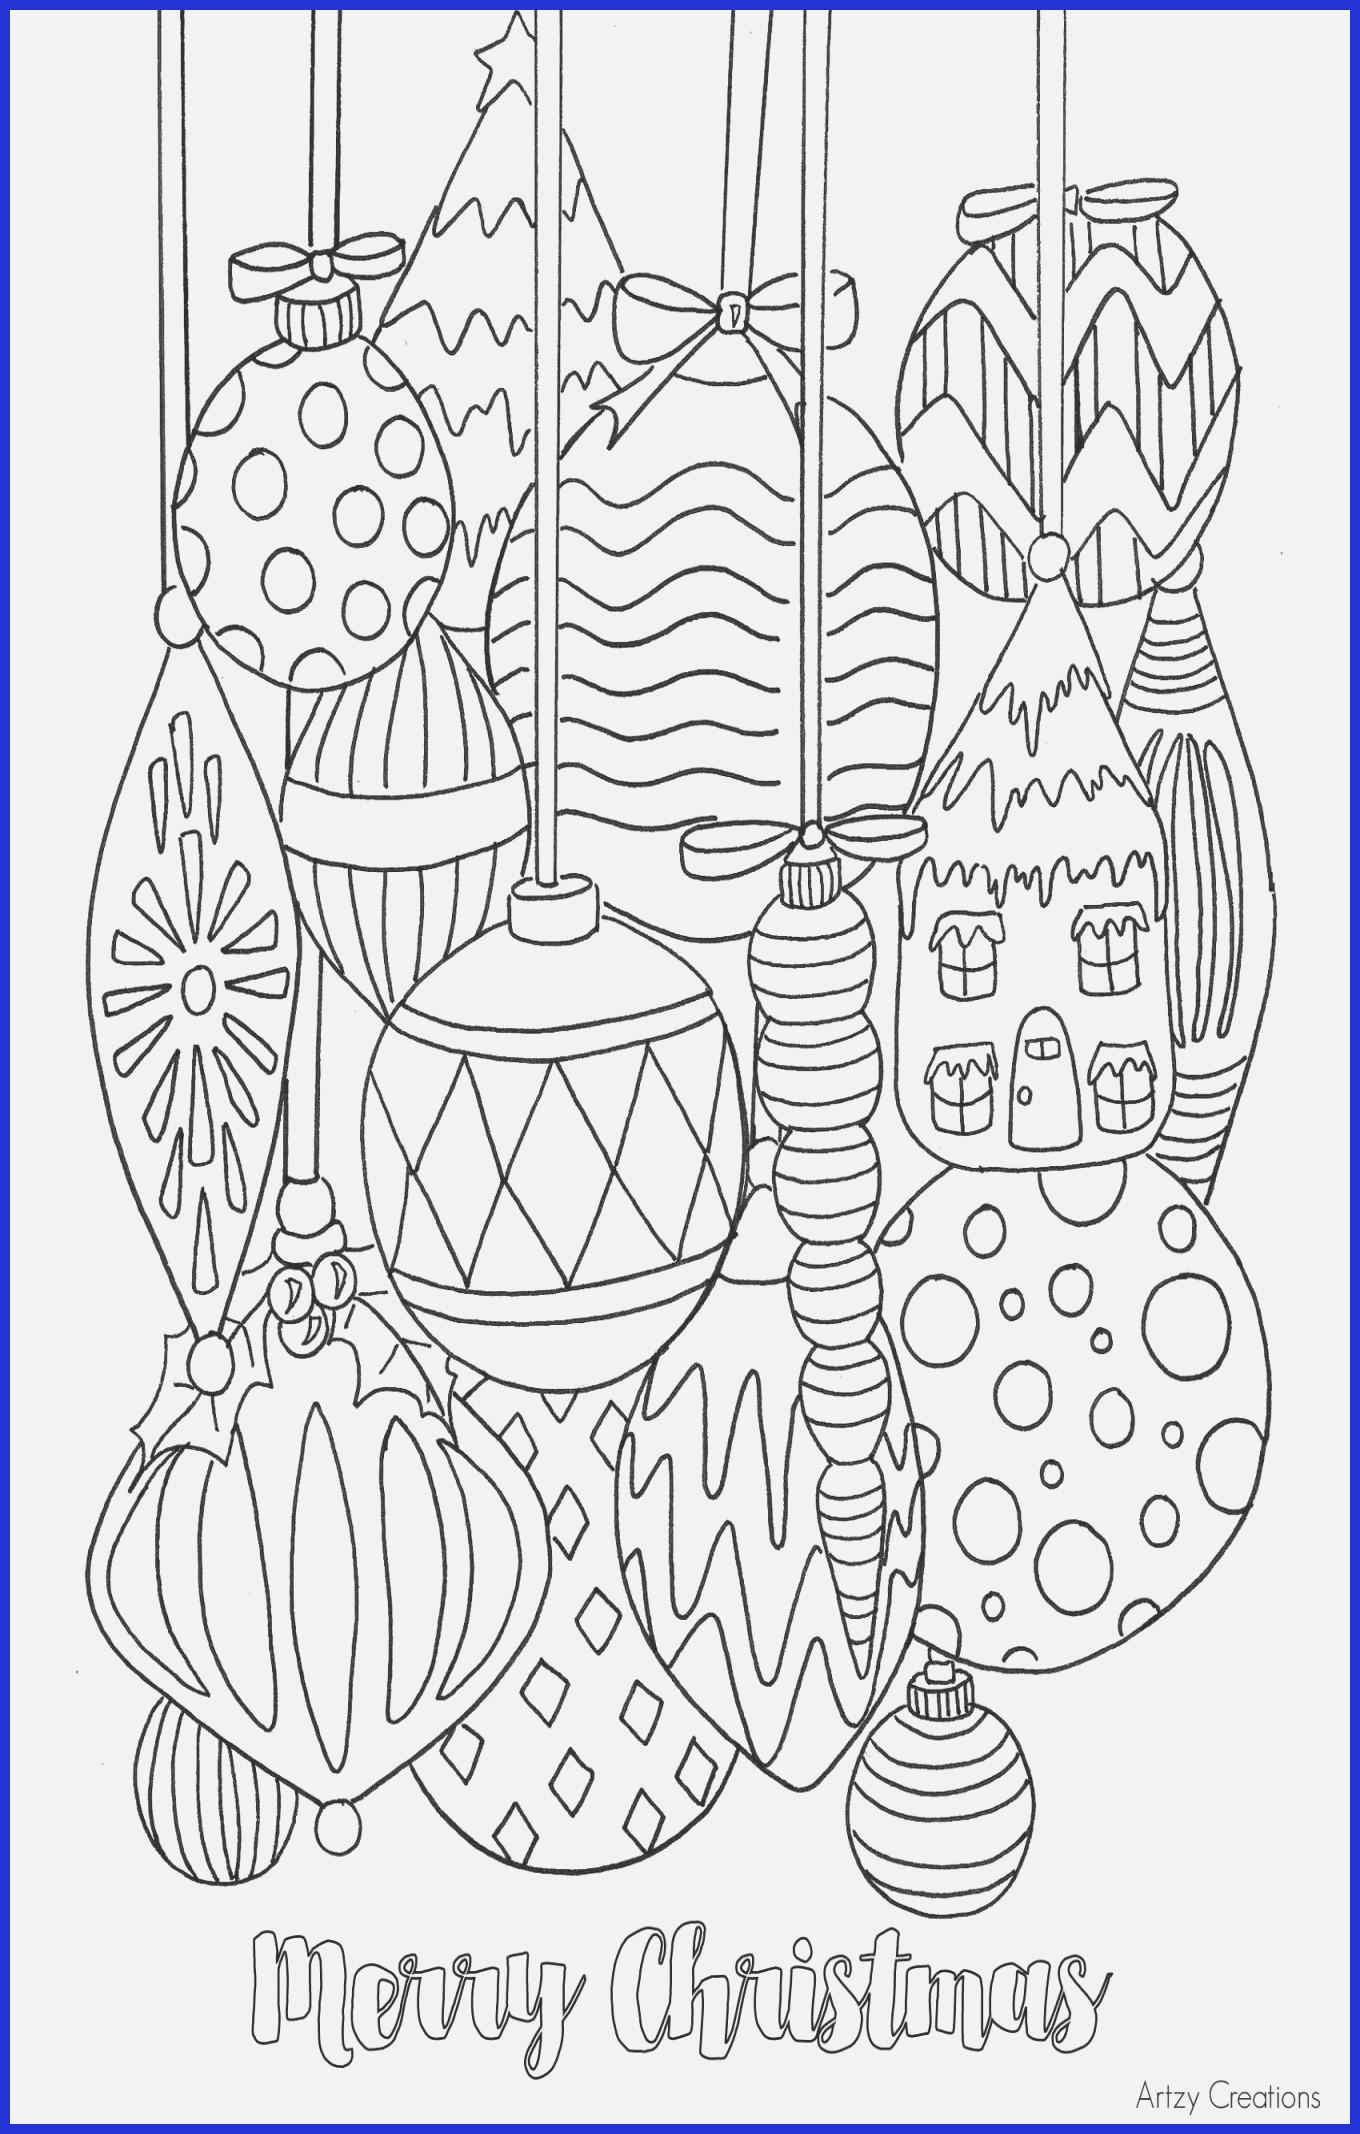 Ausmalbilder Von Violetta Frisch Printable Christmas Coloring Das Bild